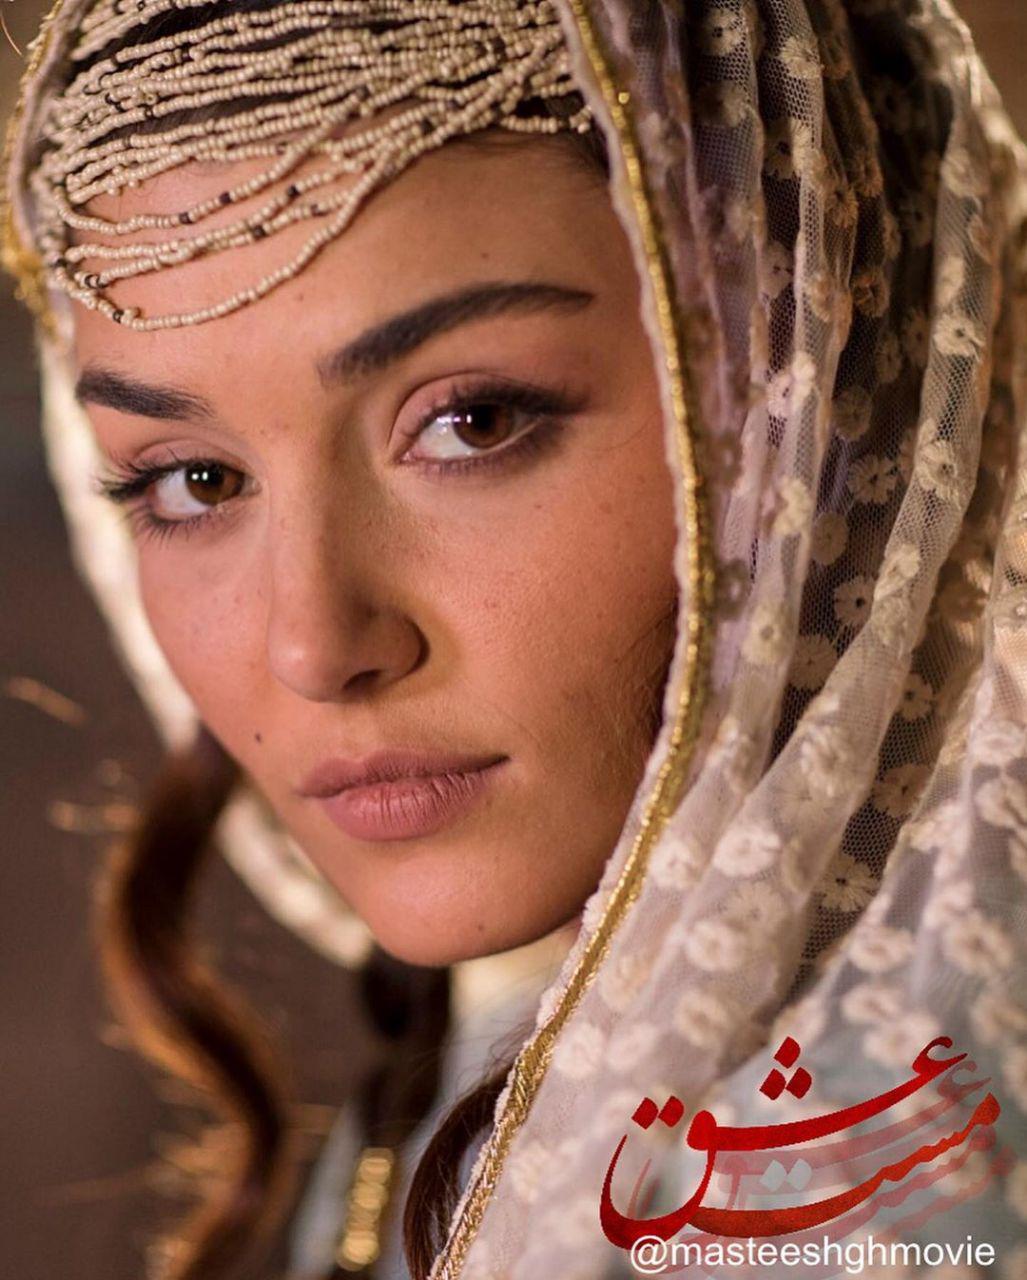 """انتشار اولین تصاویر «هانده ارچل» بازیگر فیلم """"مست عشق"""" حسن فتحی (عکس)"""